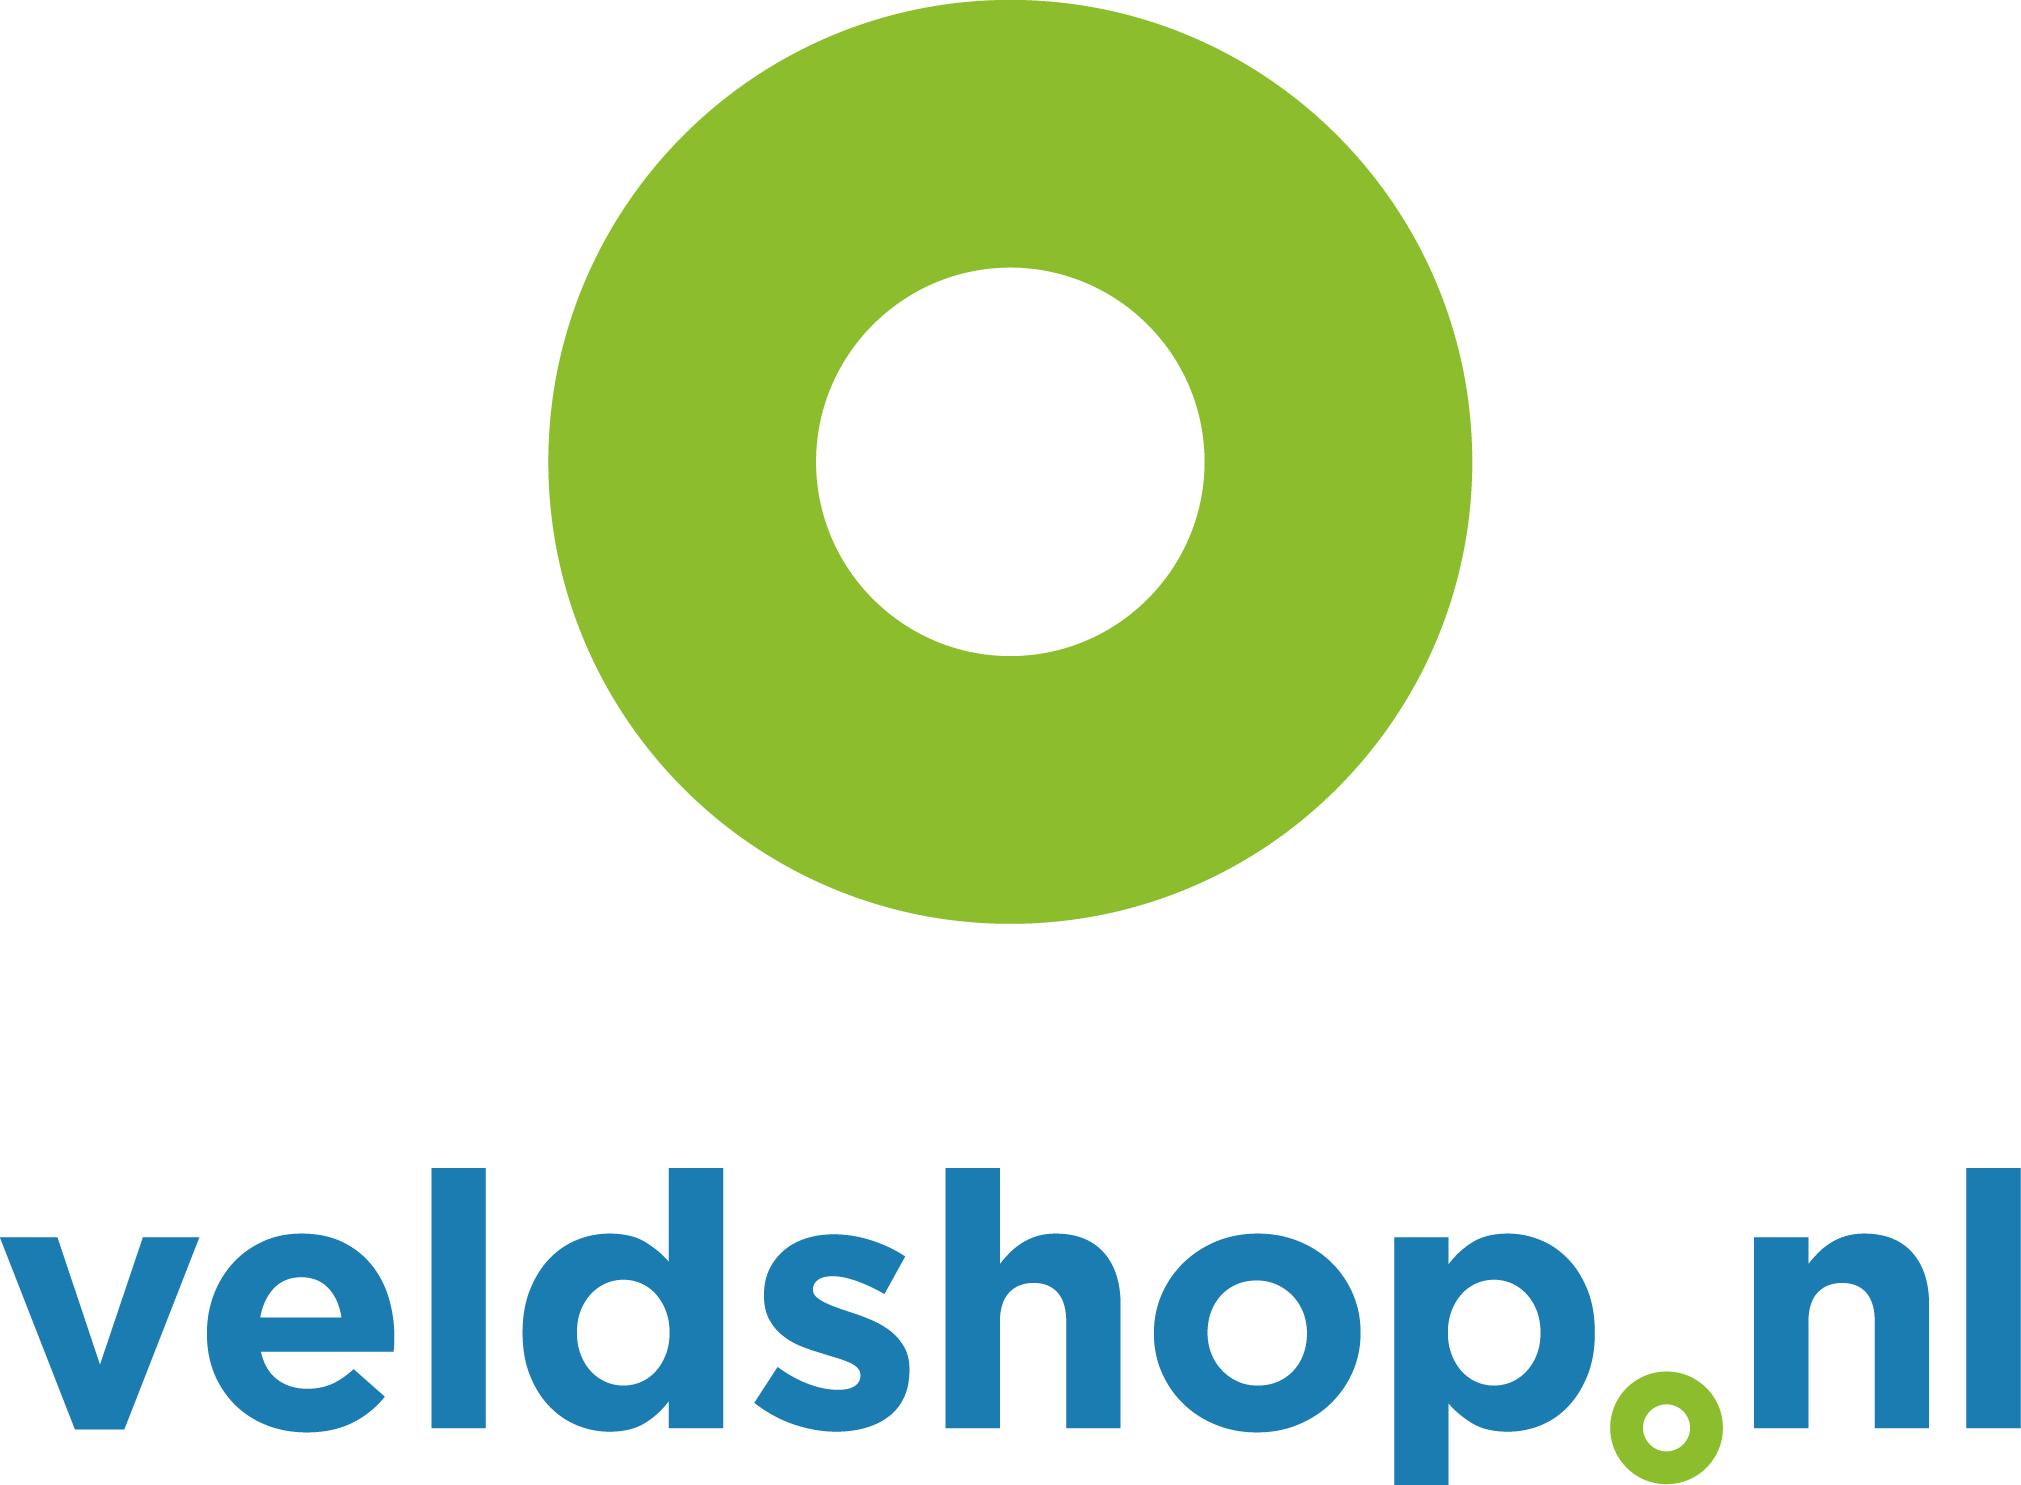 Veldshop-logo